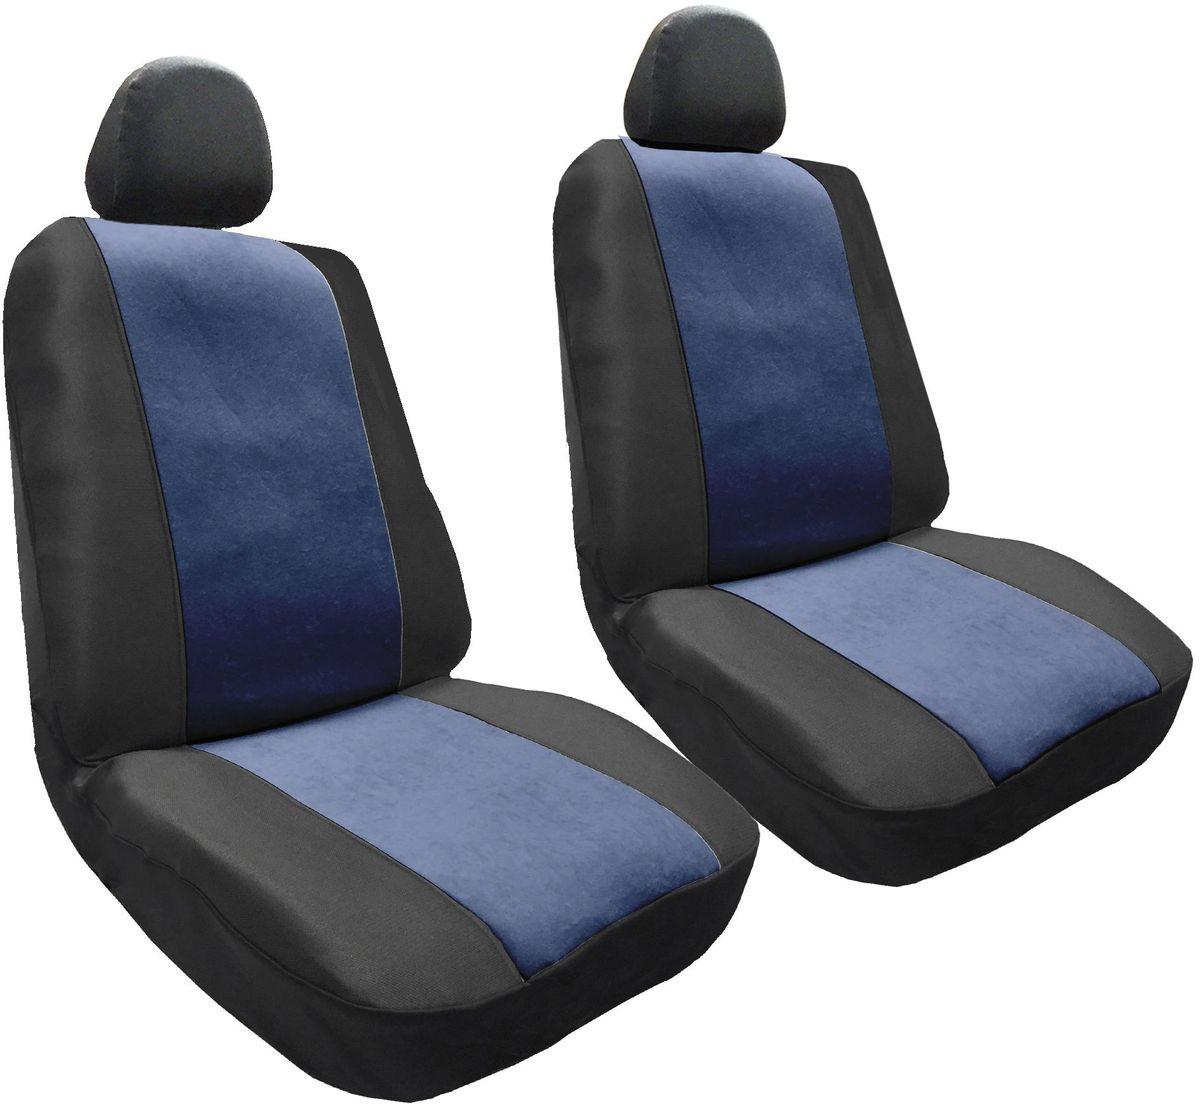 Набор автомобильных чехлов Auto Premium Корвет, цвет: черный, синий, 4 предмета57302Комлект универсальных чехлов на передние сиденья выполнен из велюра, предназначен для передних кресел автомобиля. В комплект входят съемные чехлы для подголовников .Практичный и долговечный комплект чехлов для передних сидений надежно защищает сиденье водителя и пассажира от механических повреждений, загрязнений и износа.